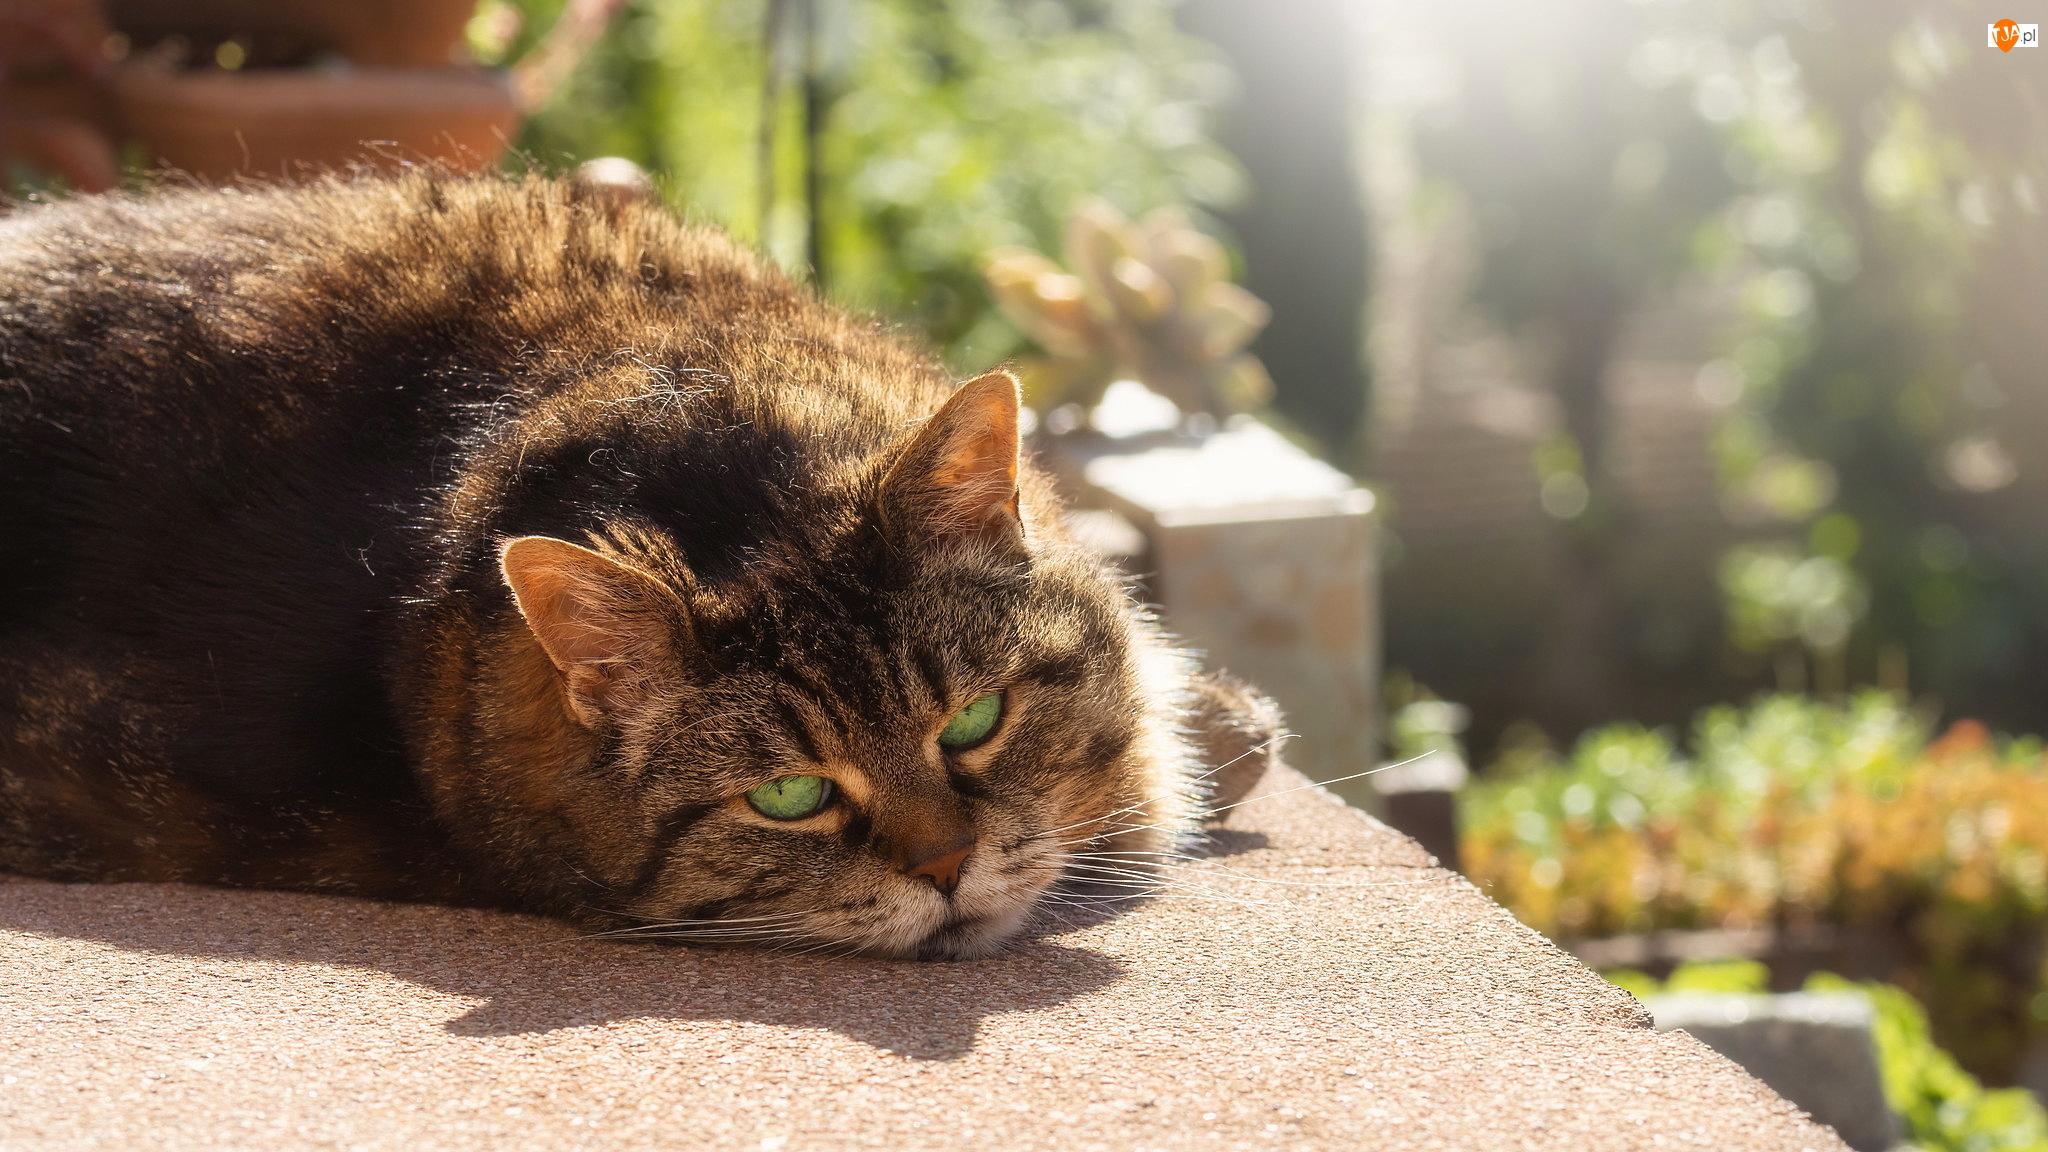 Słońce, Bury, Kot, Murek